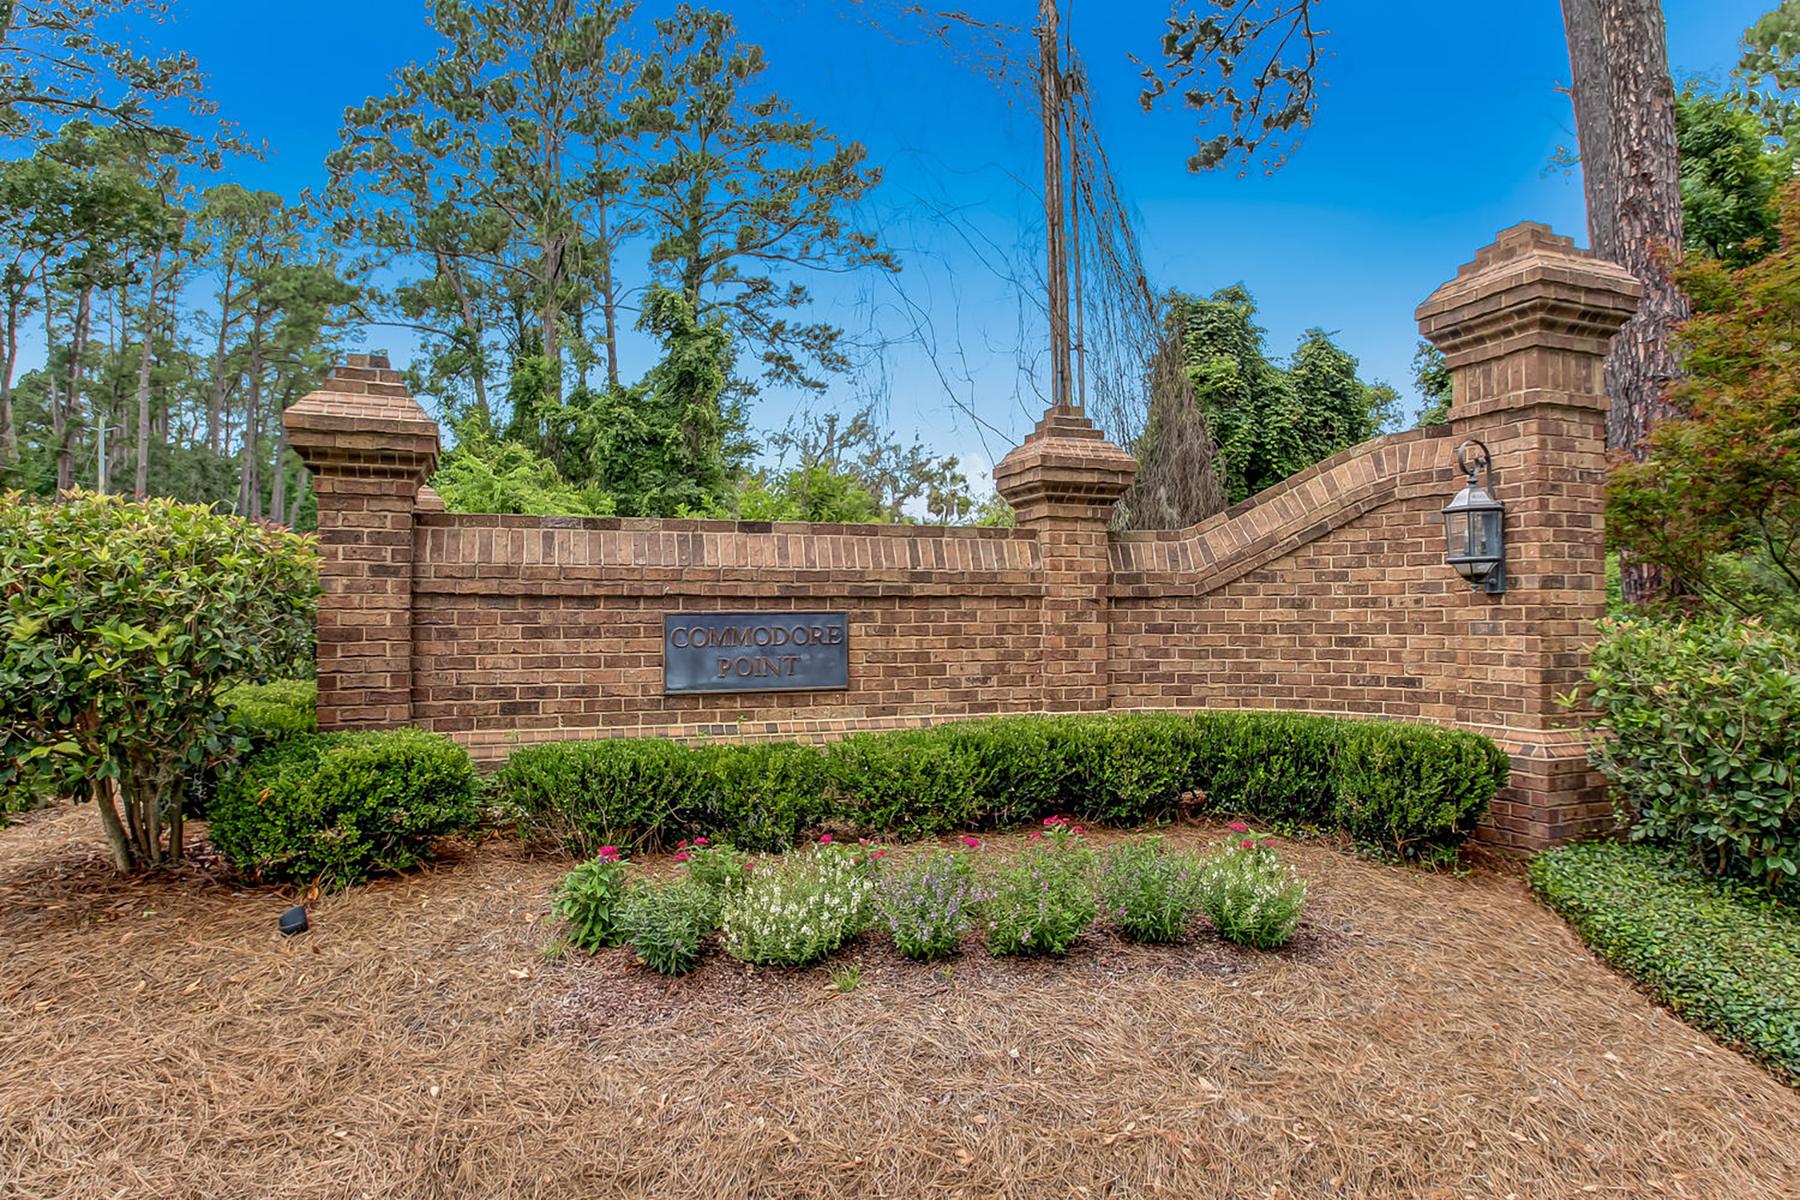 Частный односемейный дом для того Продажа на 120 Schooner Drive 120 Schooner Dr., Savannah, Джорджия, 31410 Соединенные Штаты